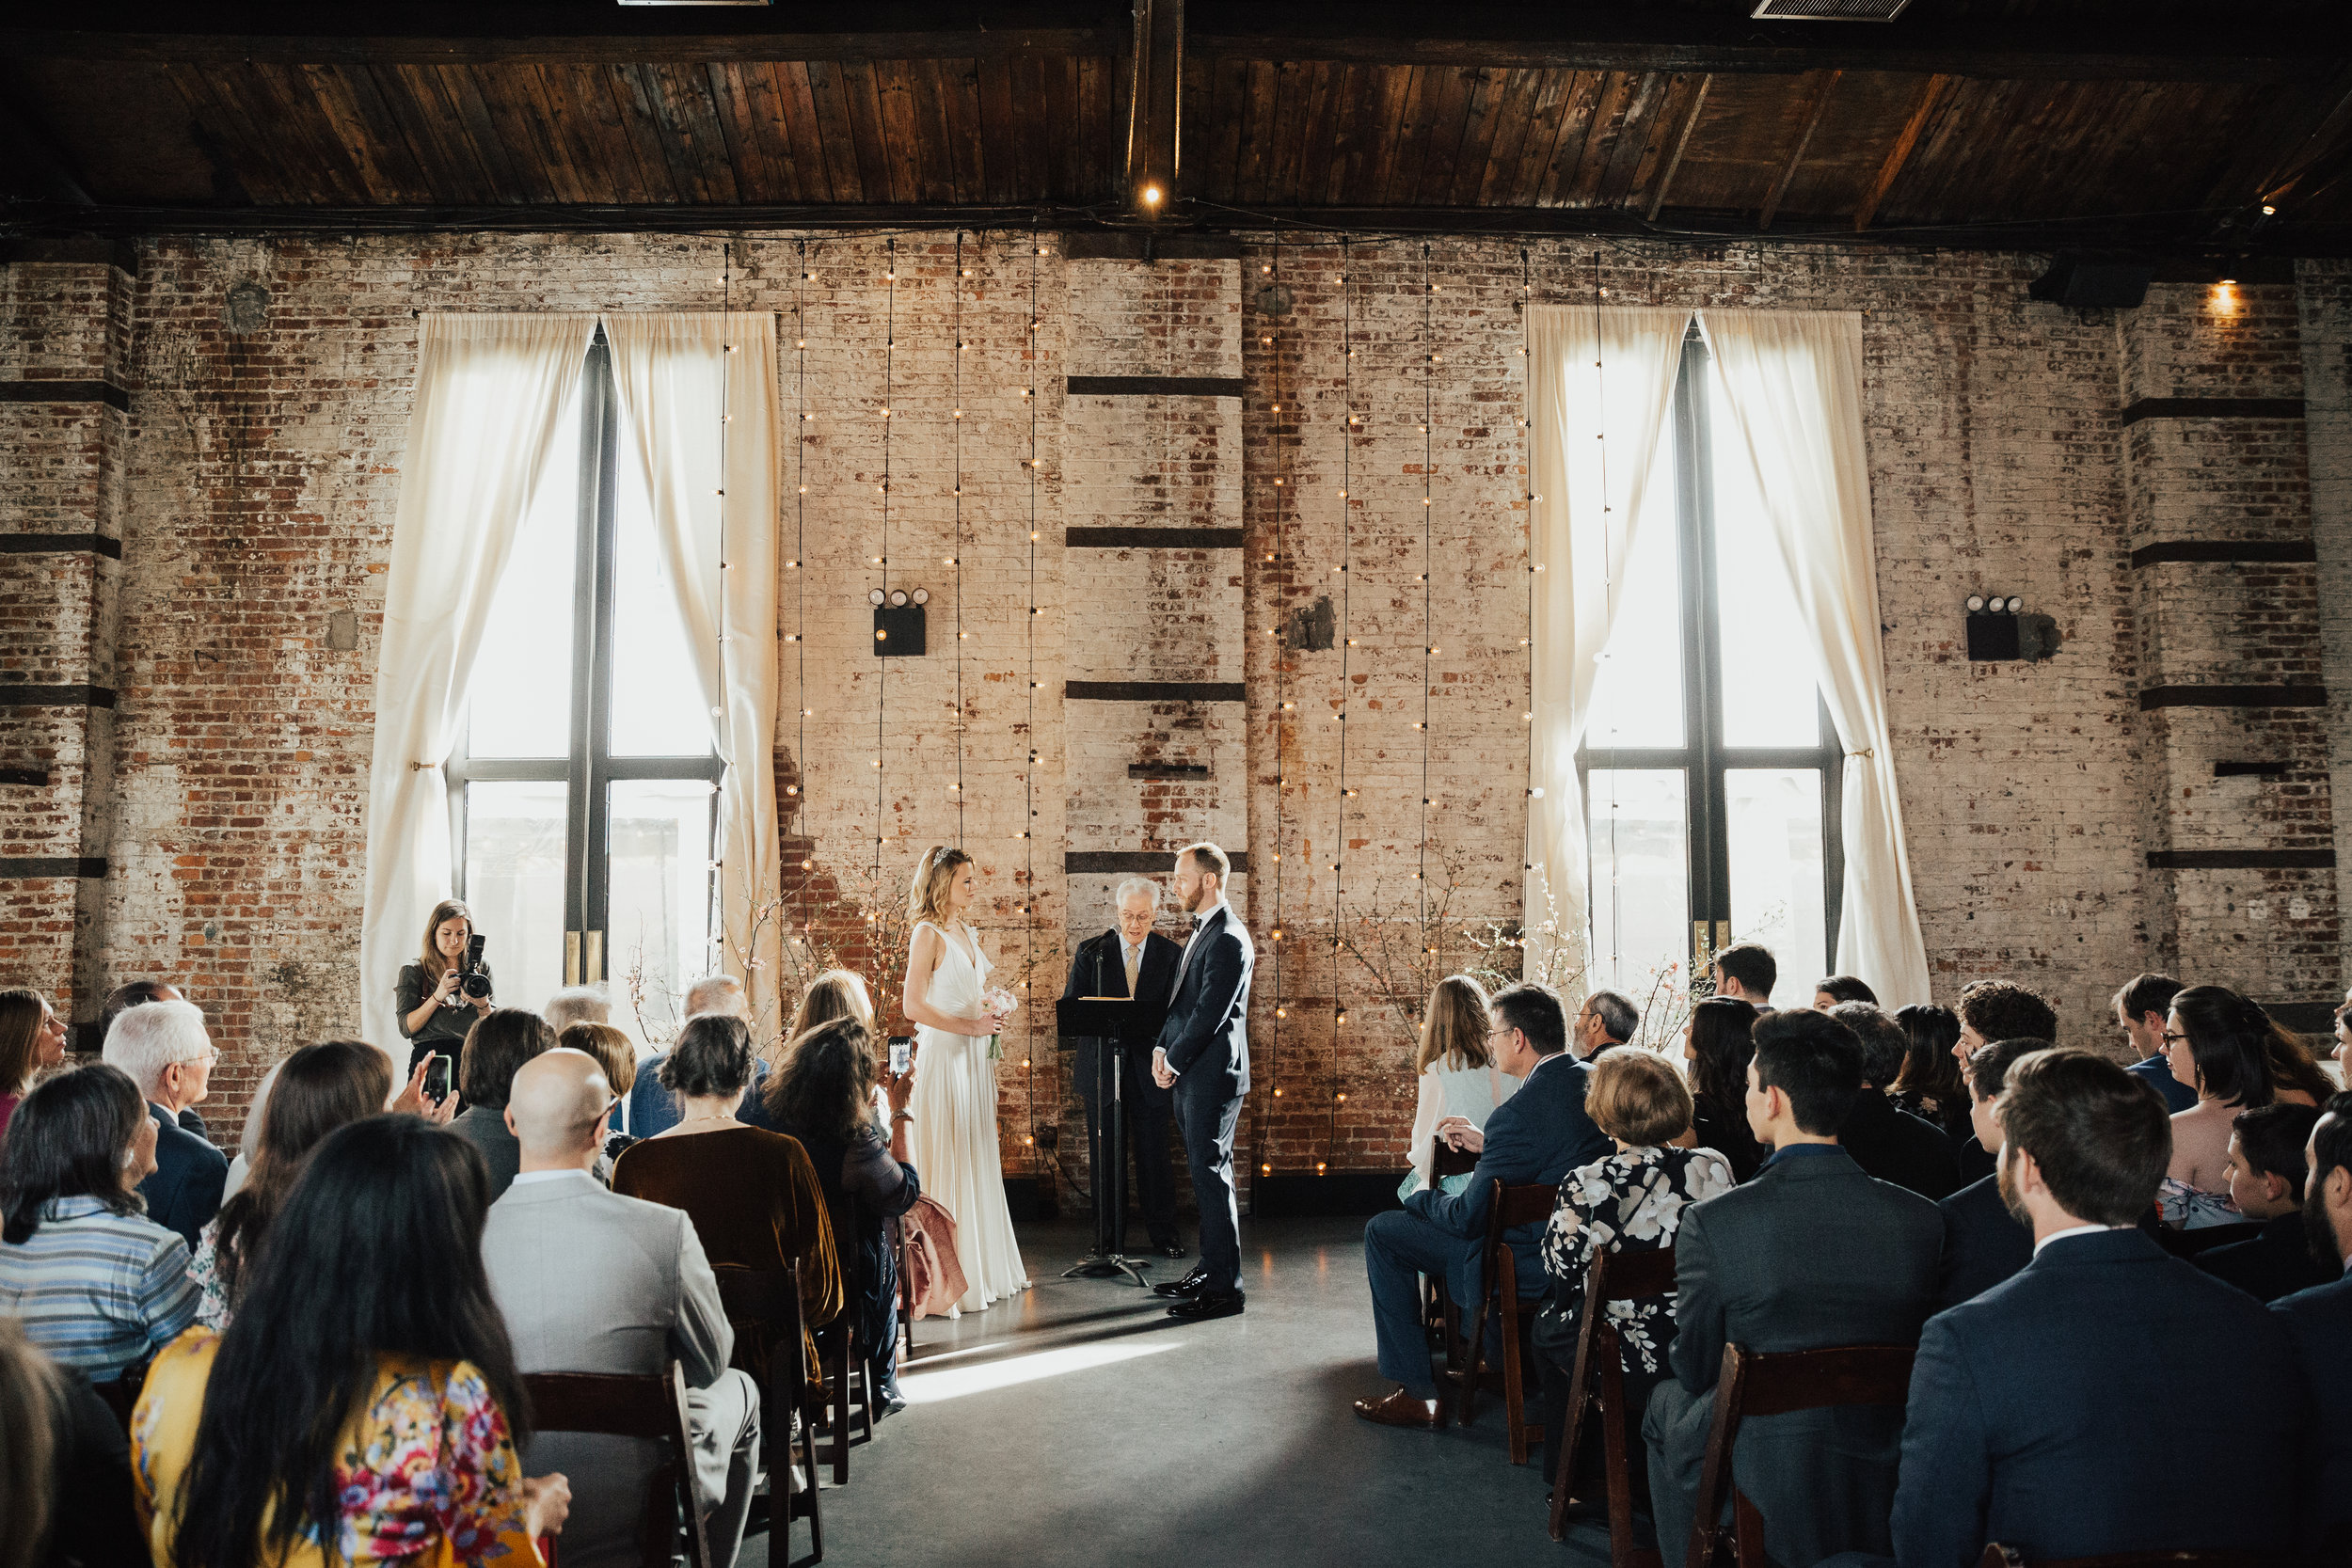 melissa_zach_wedding-143.jpg